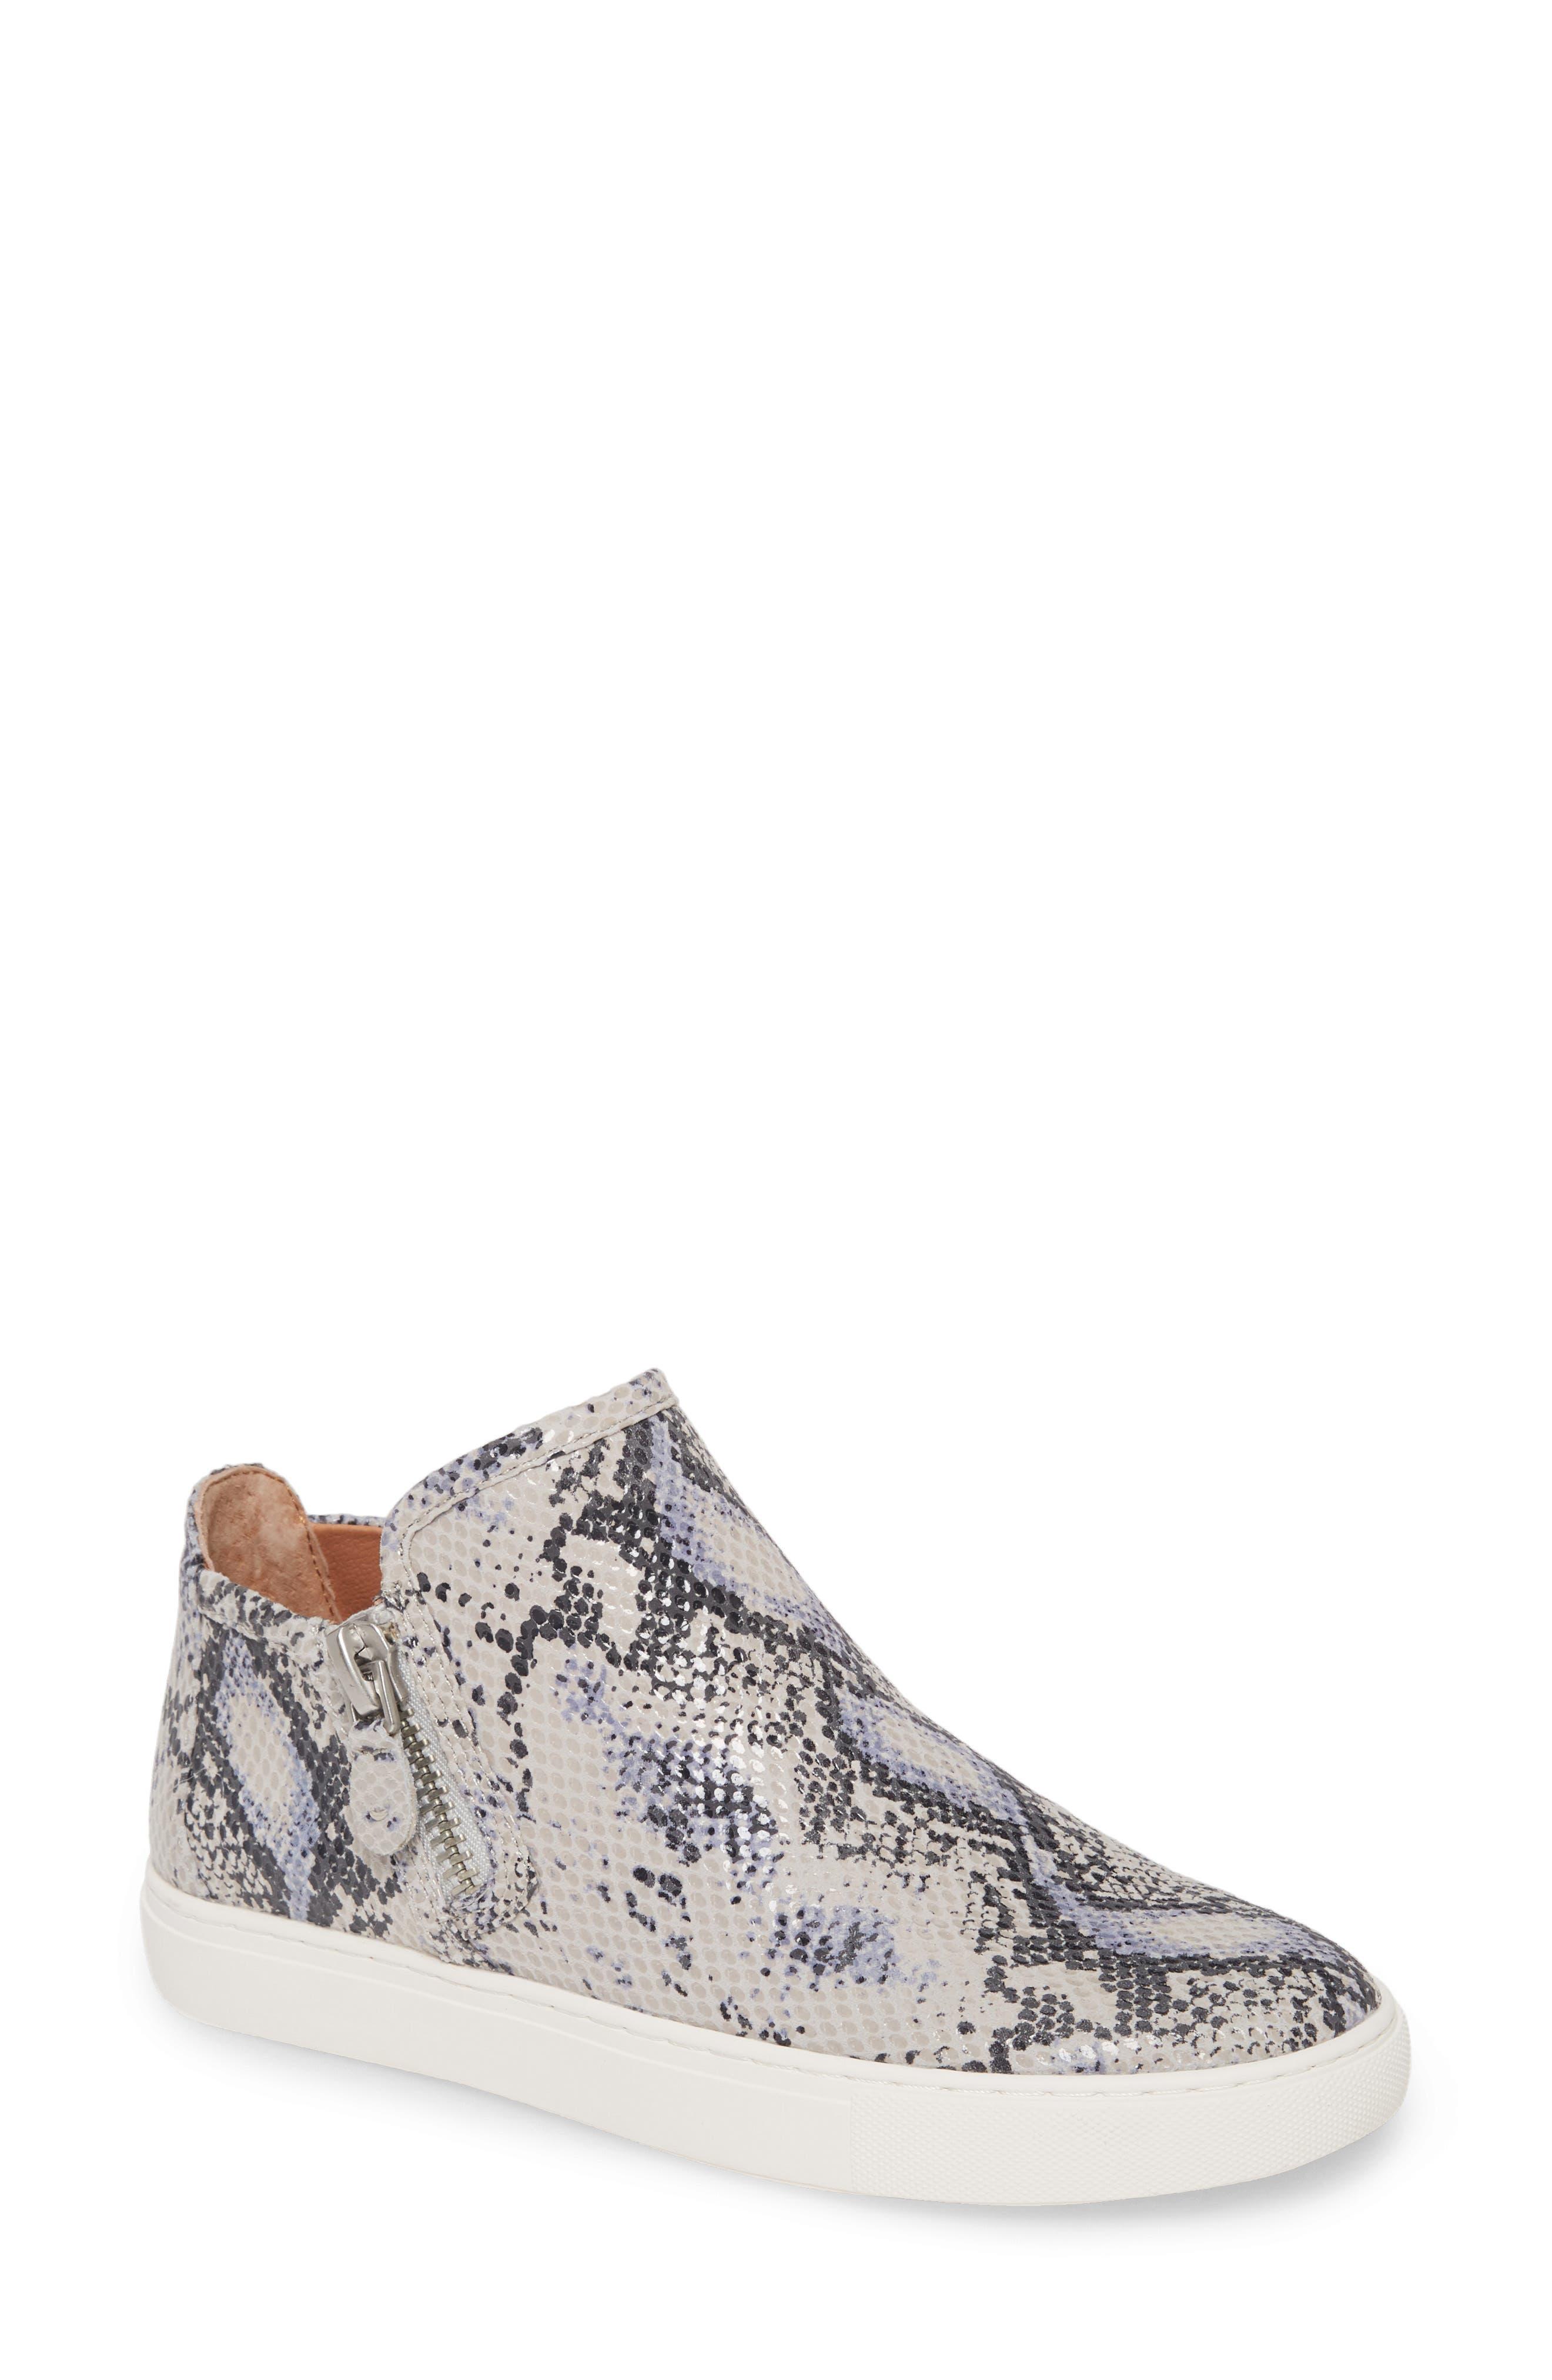 Lowe Snakeskin Embossed Leather Sneaker